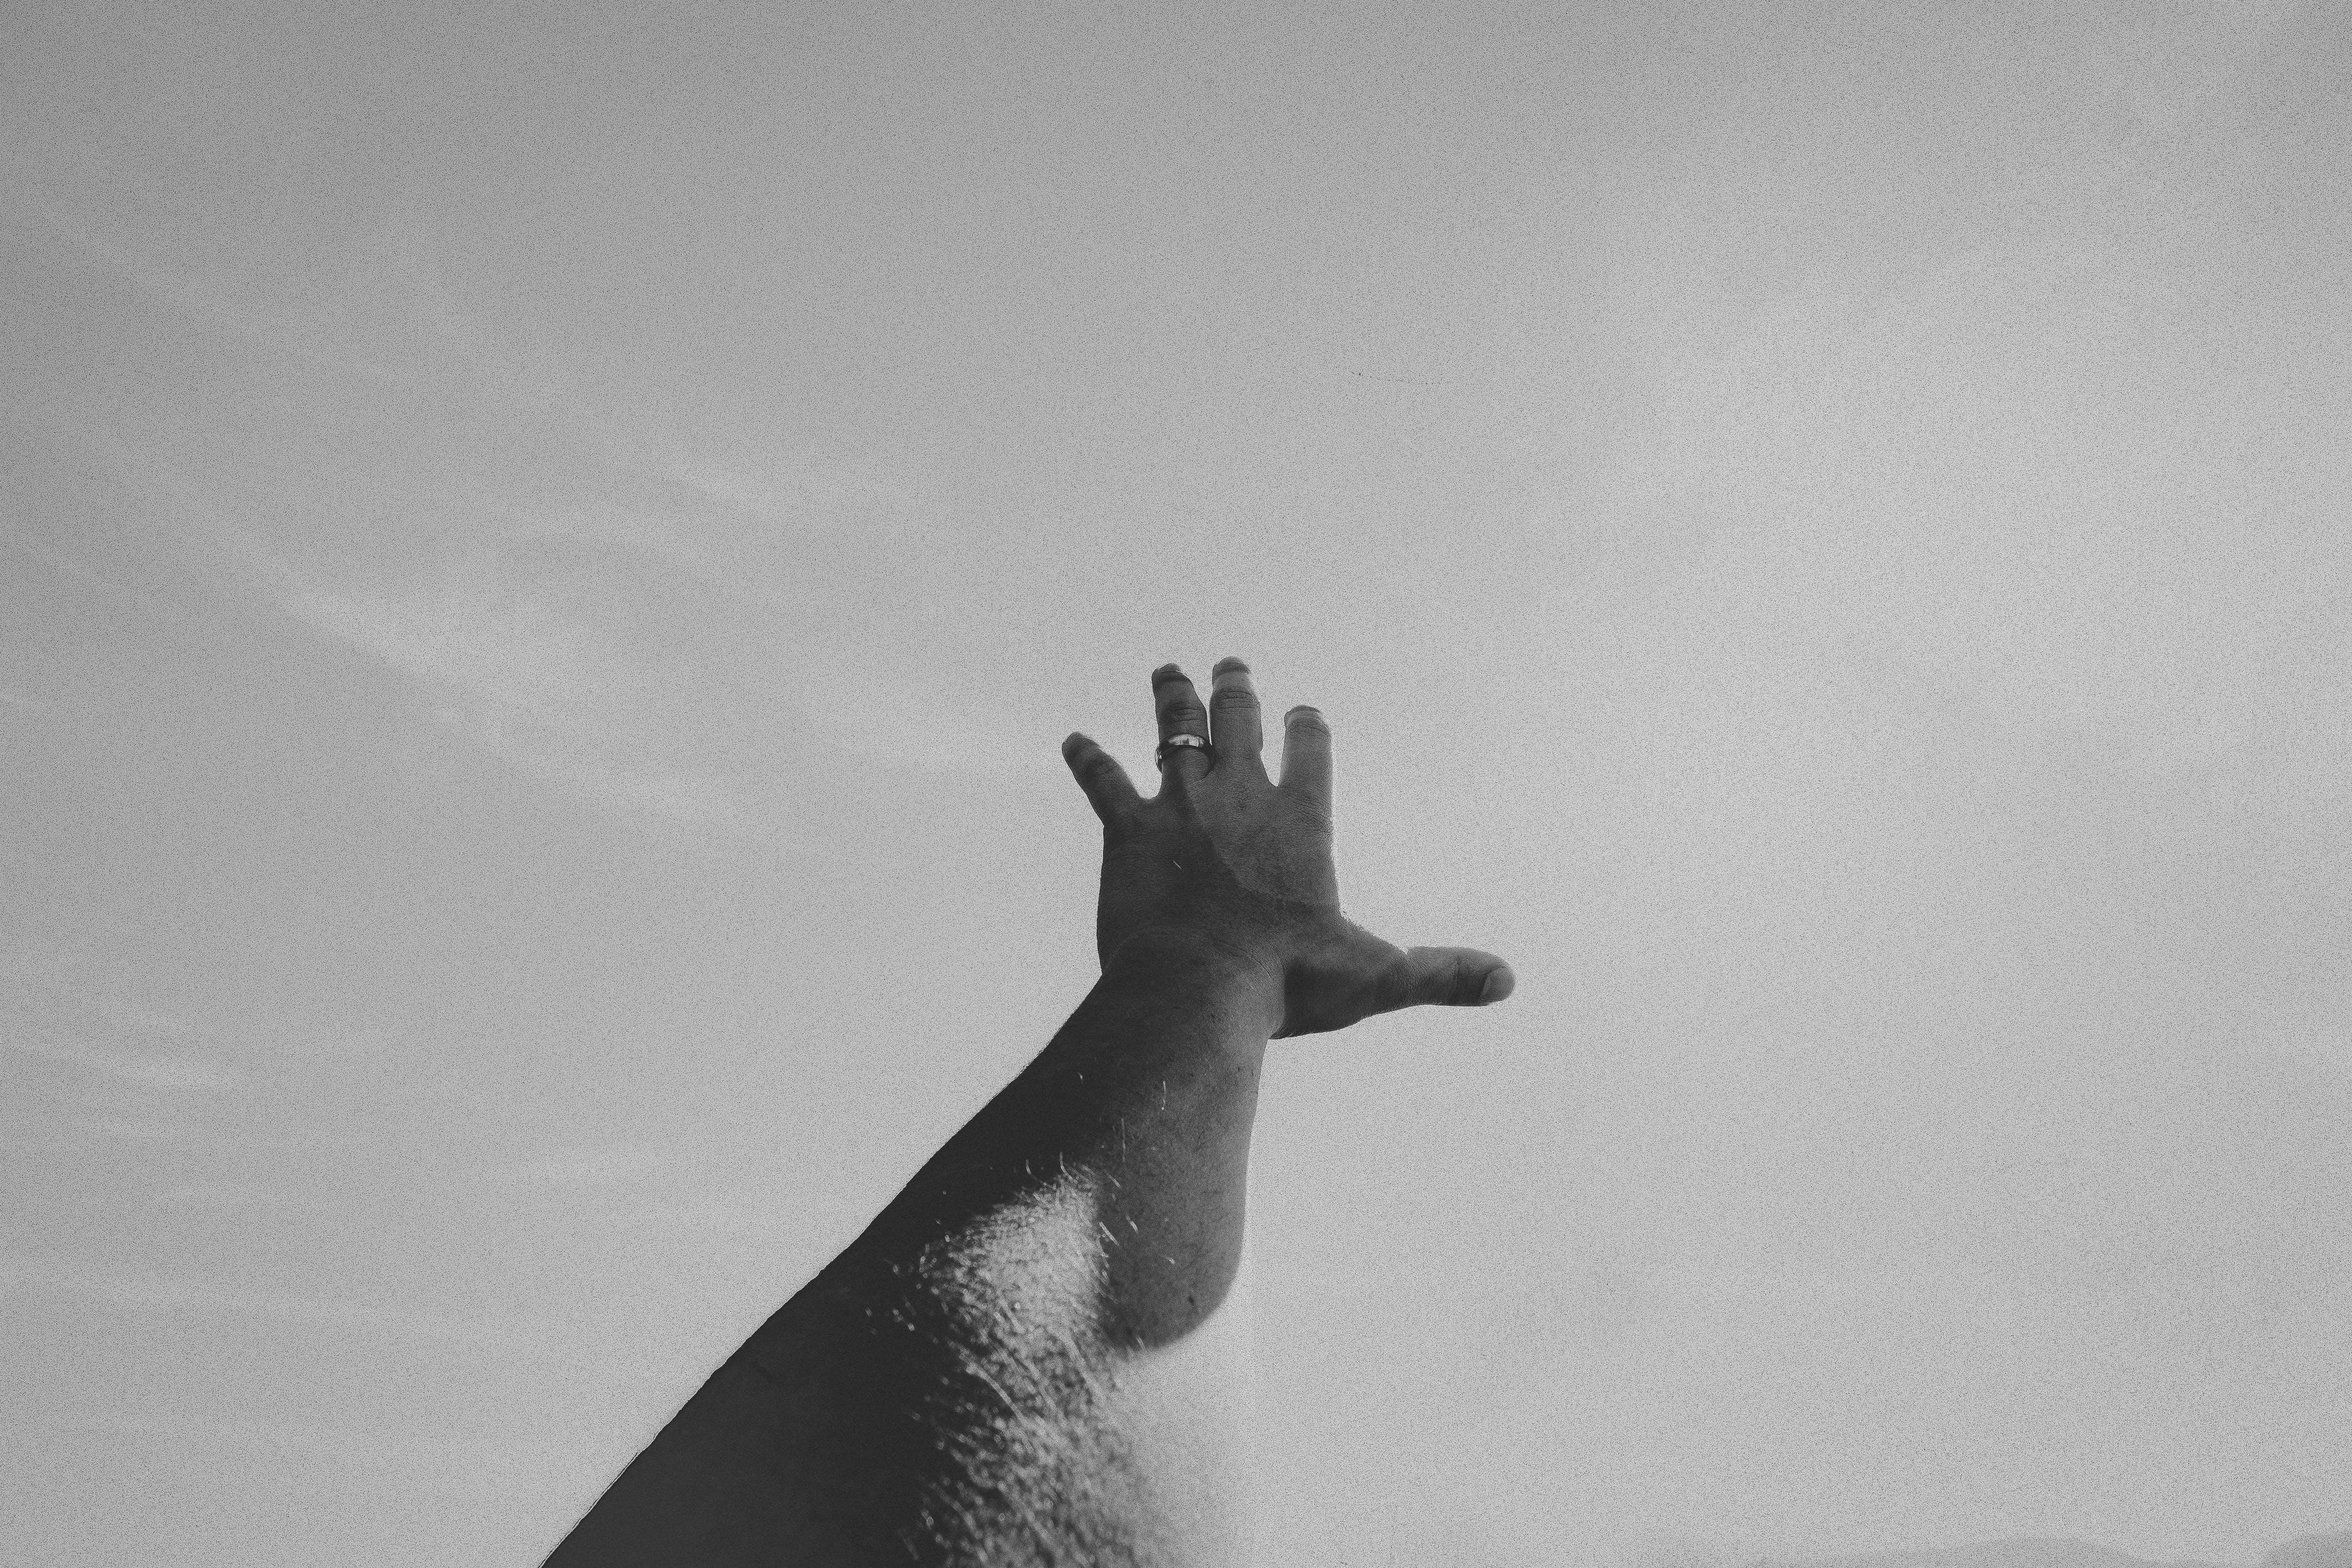 Monochrome Photo of Left Hand